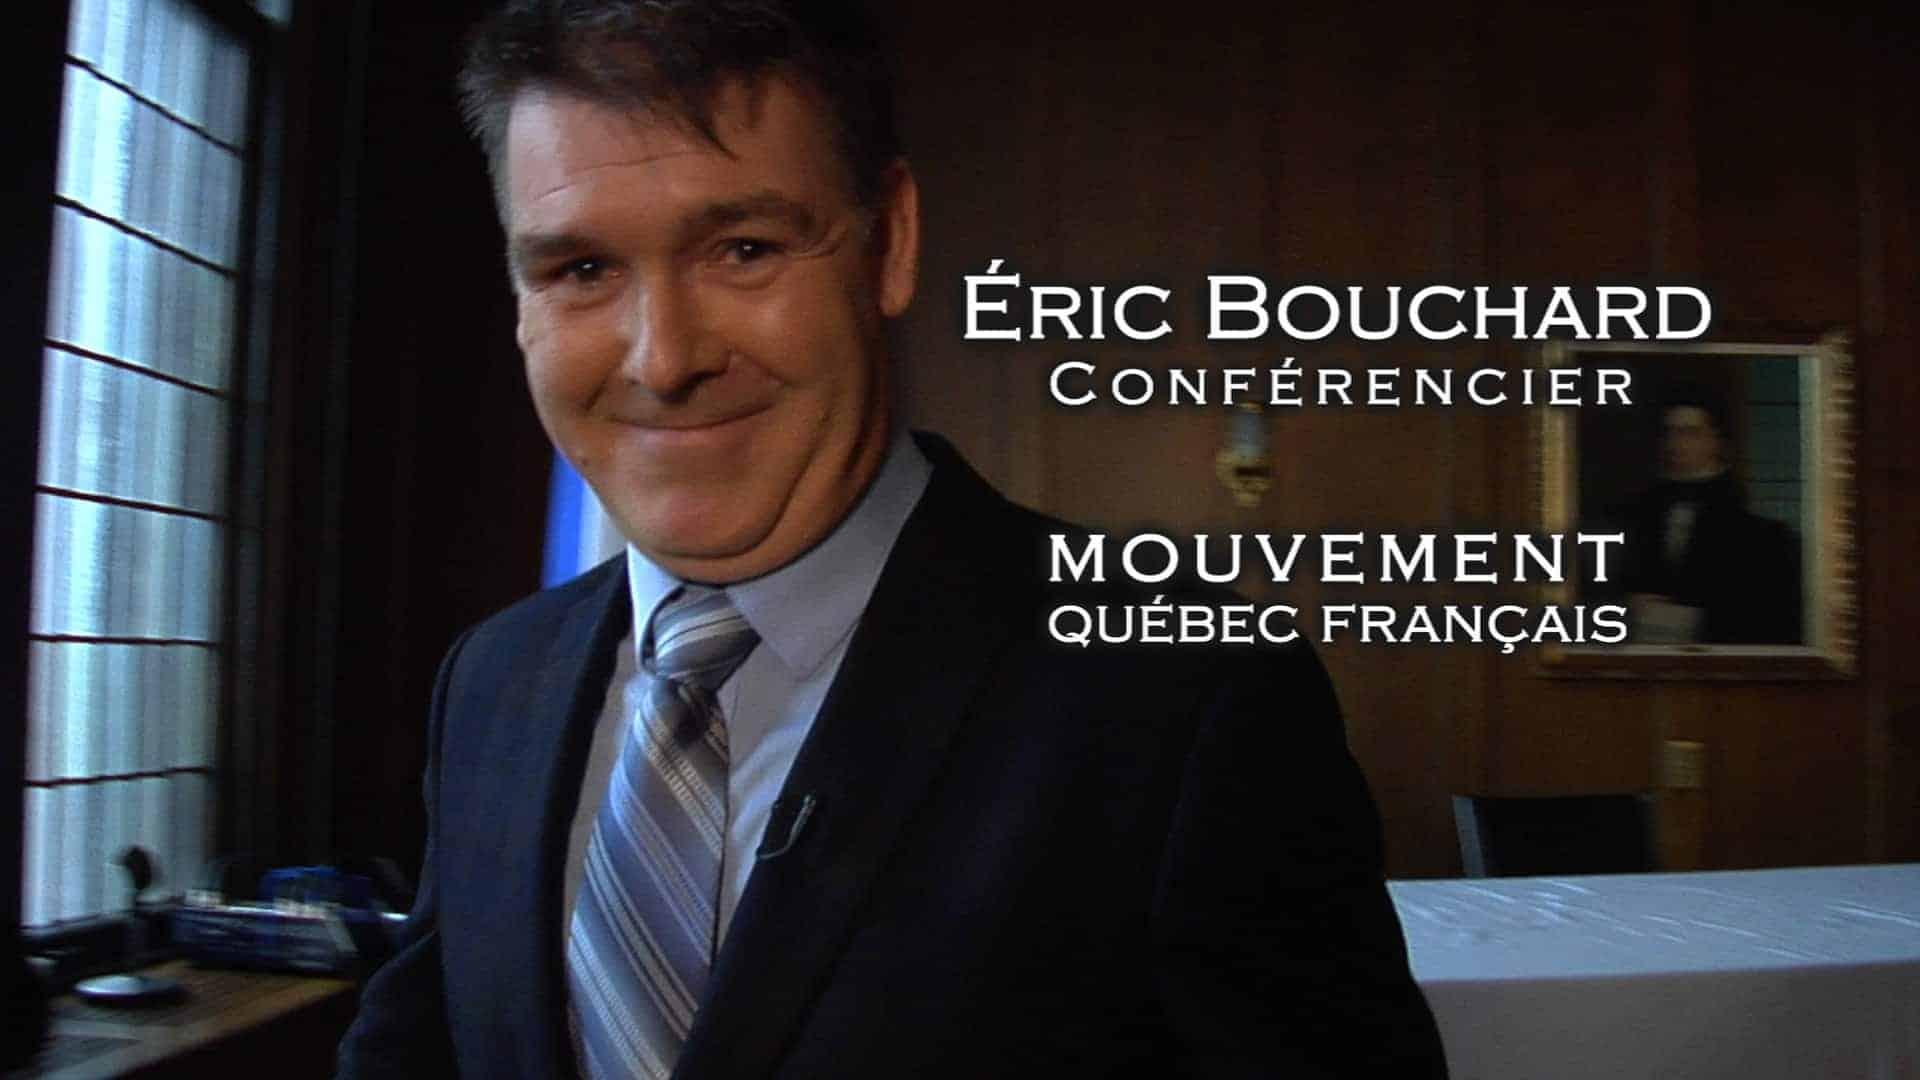 MOUVEMENT-QUEBEC-FRANCAIS-Conference-Eric-Bouchard-MINIATURE-2